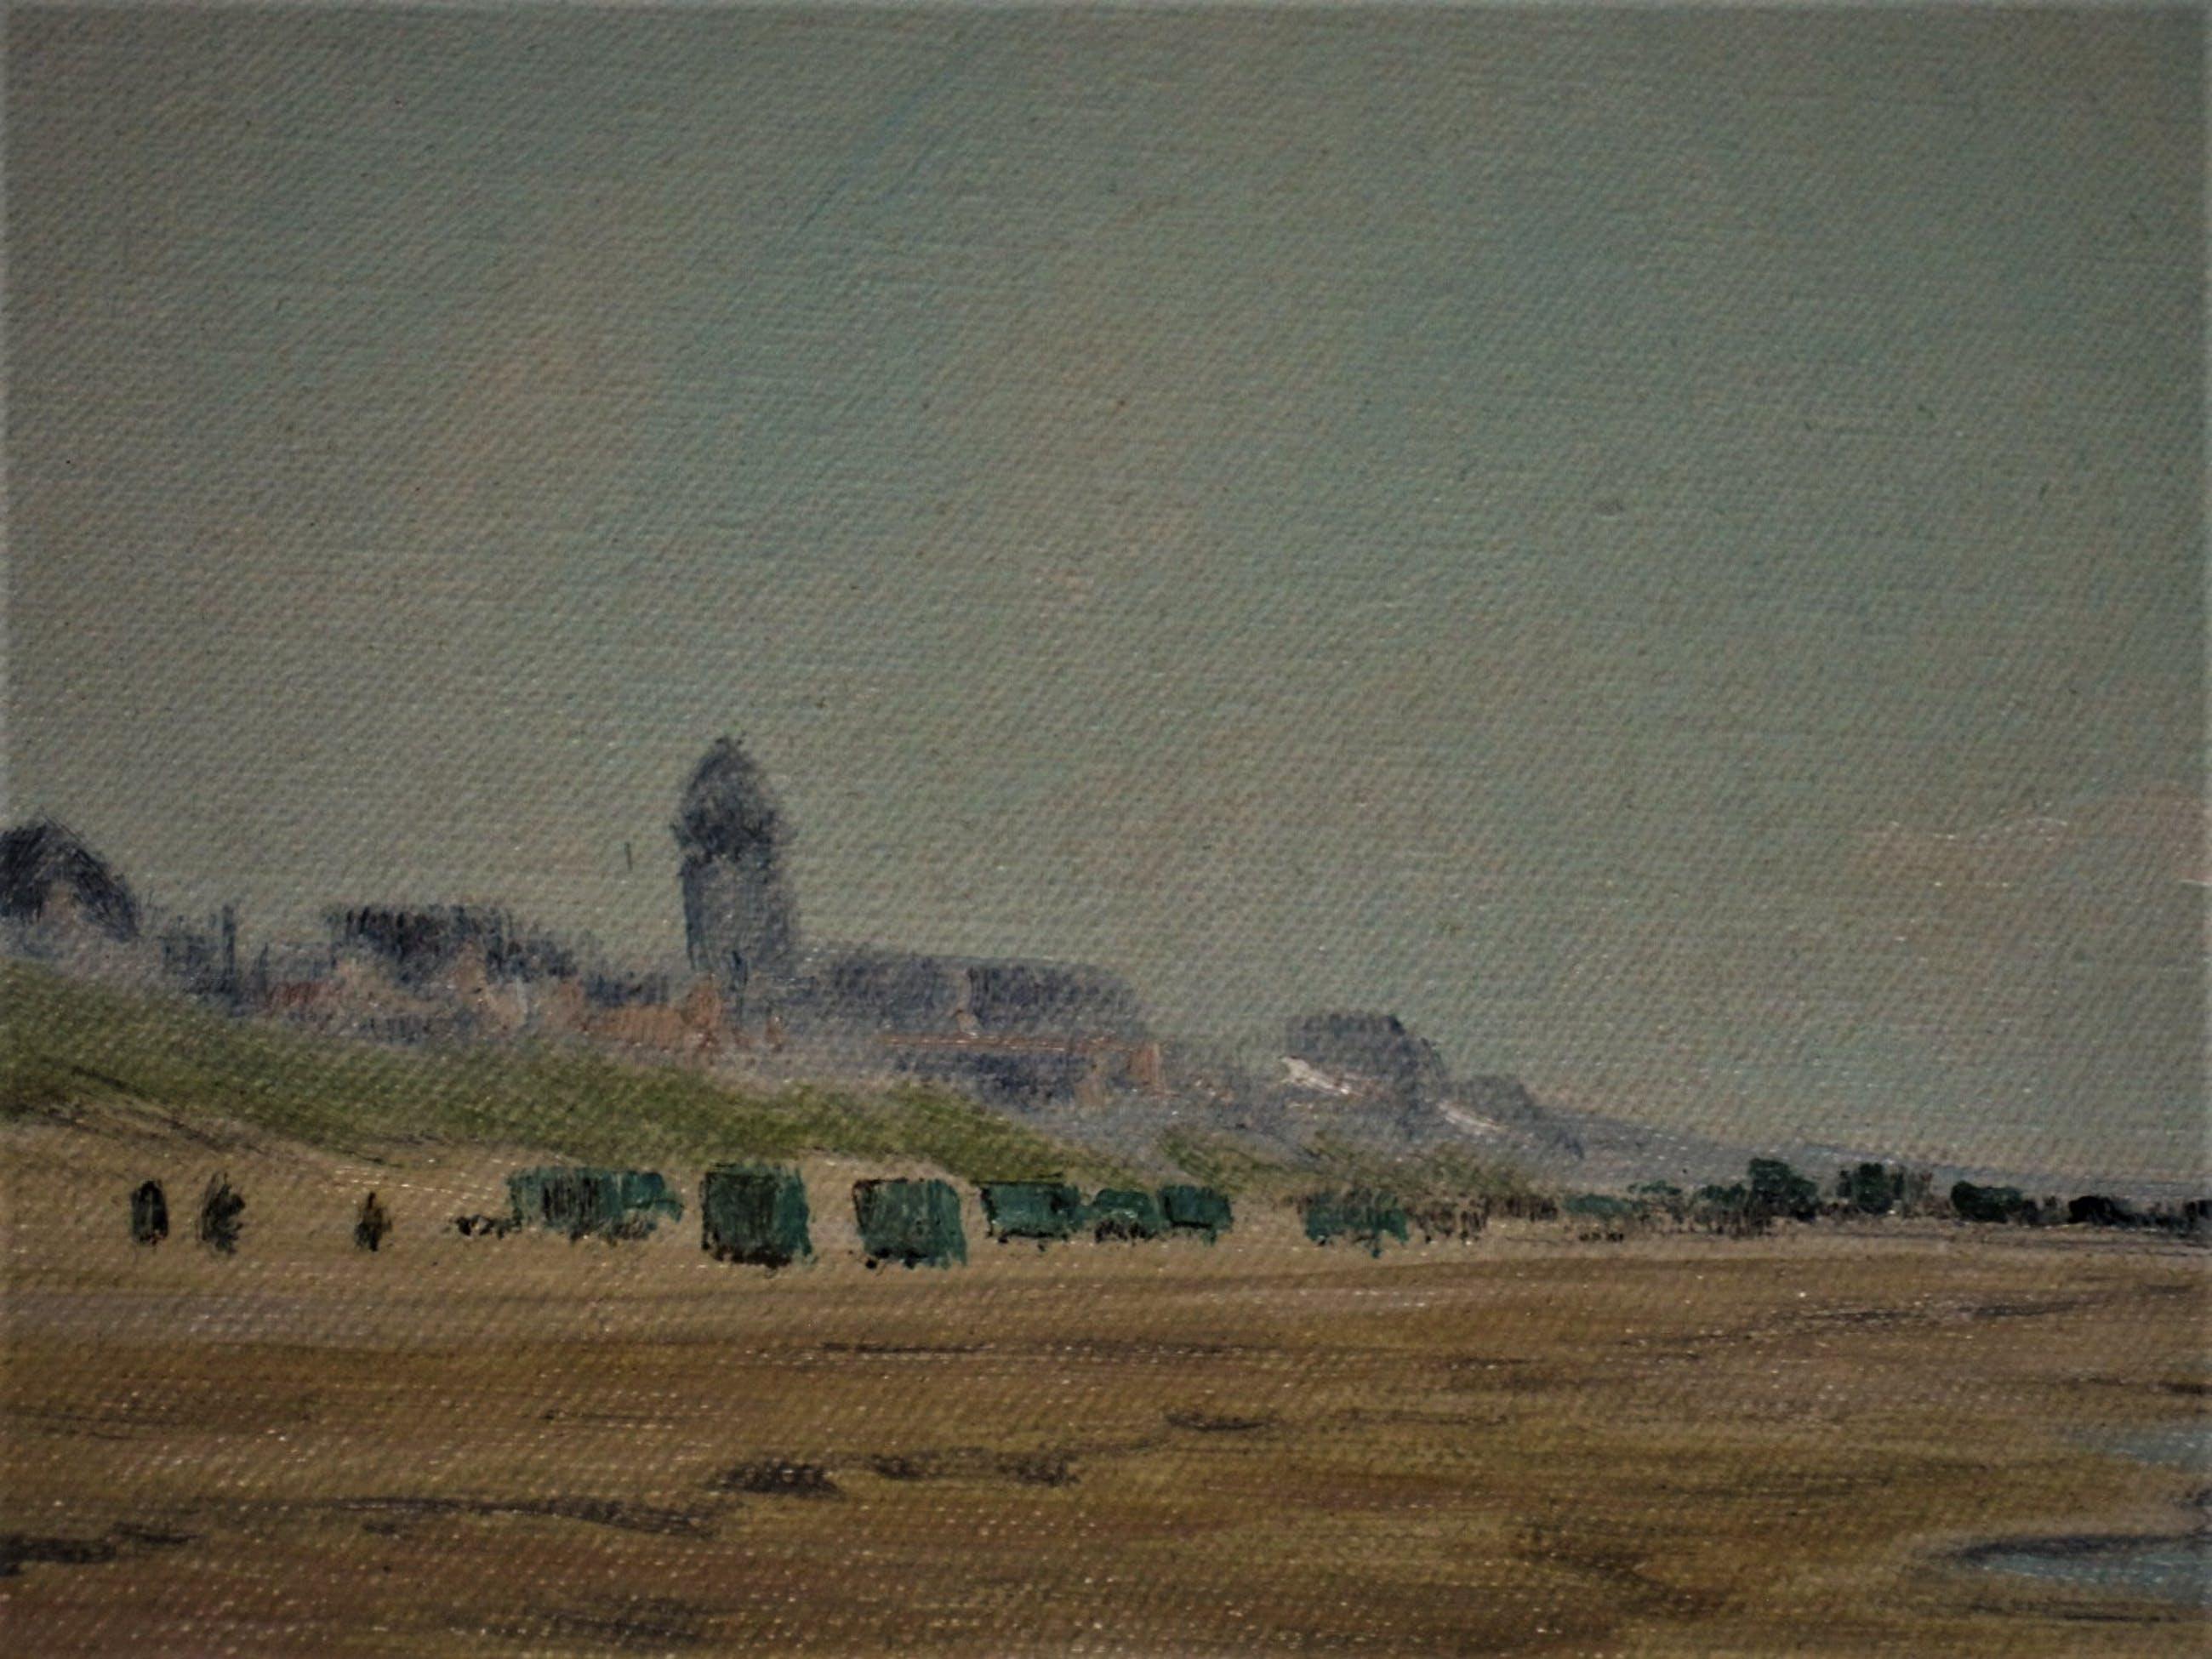 """Henri Savrij - Haarlems impressionist - olieverf - """"aan het strand bij Katwijk"""" gesigneerd kopen? Bied vanaf 10!"""